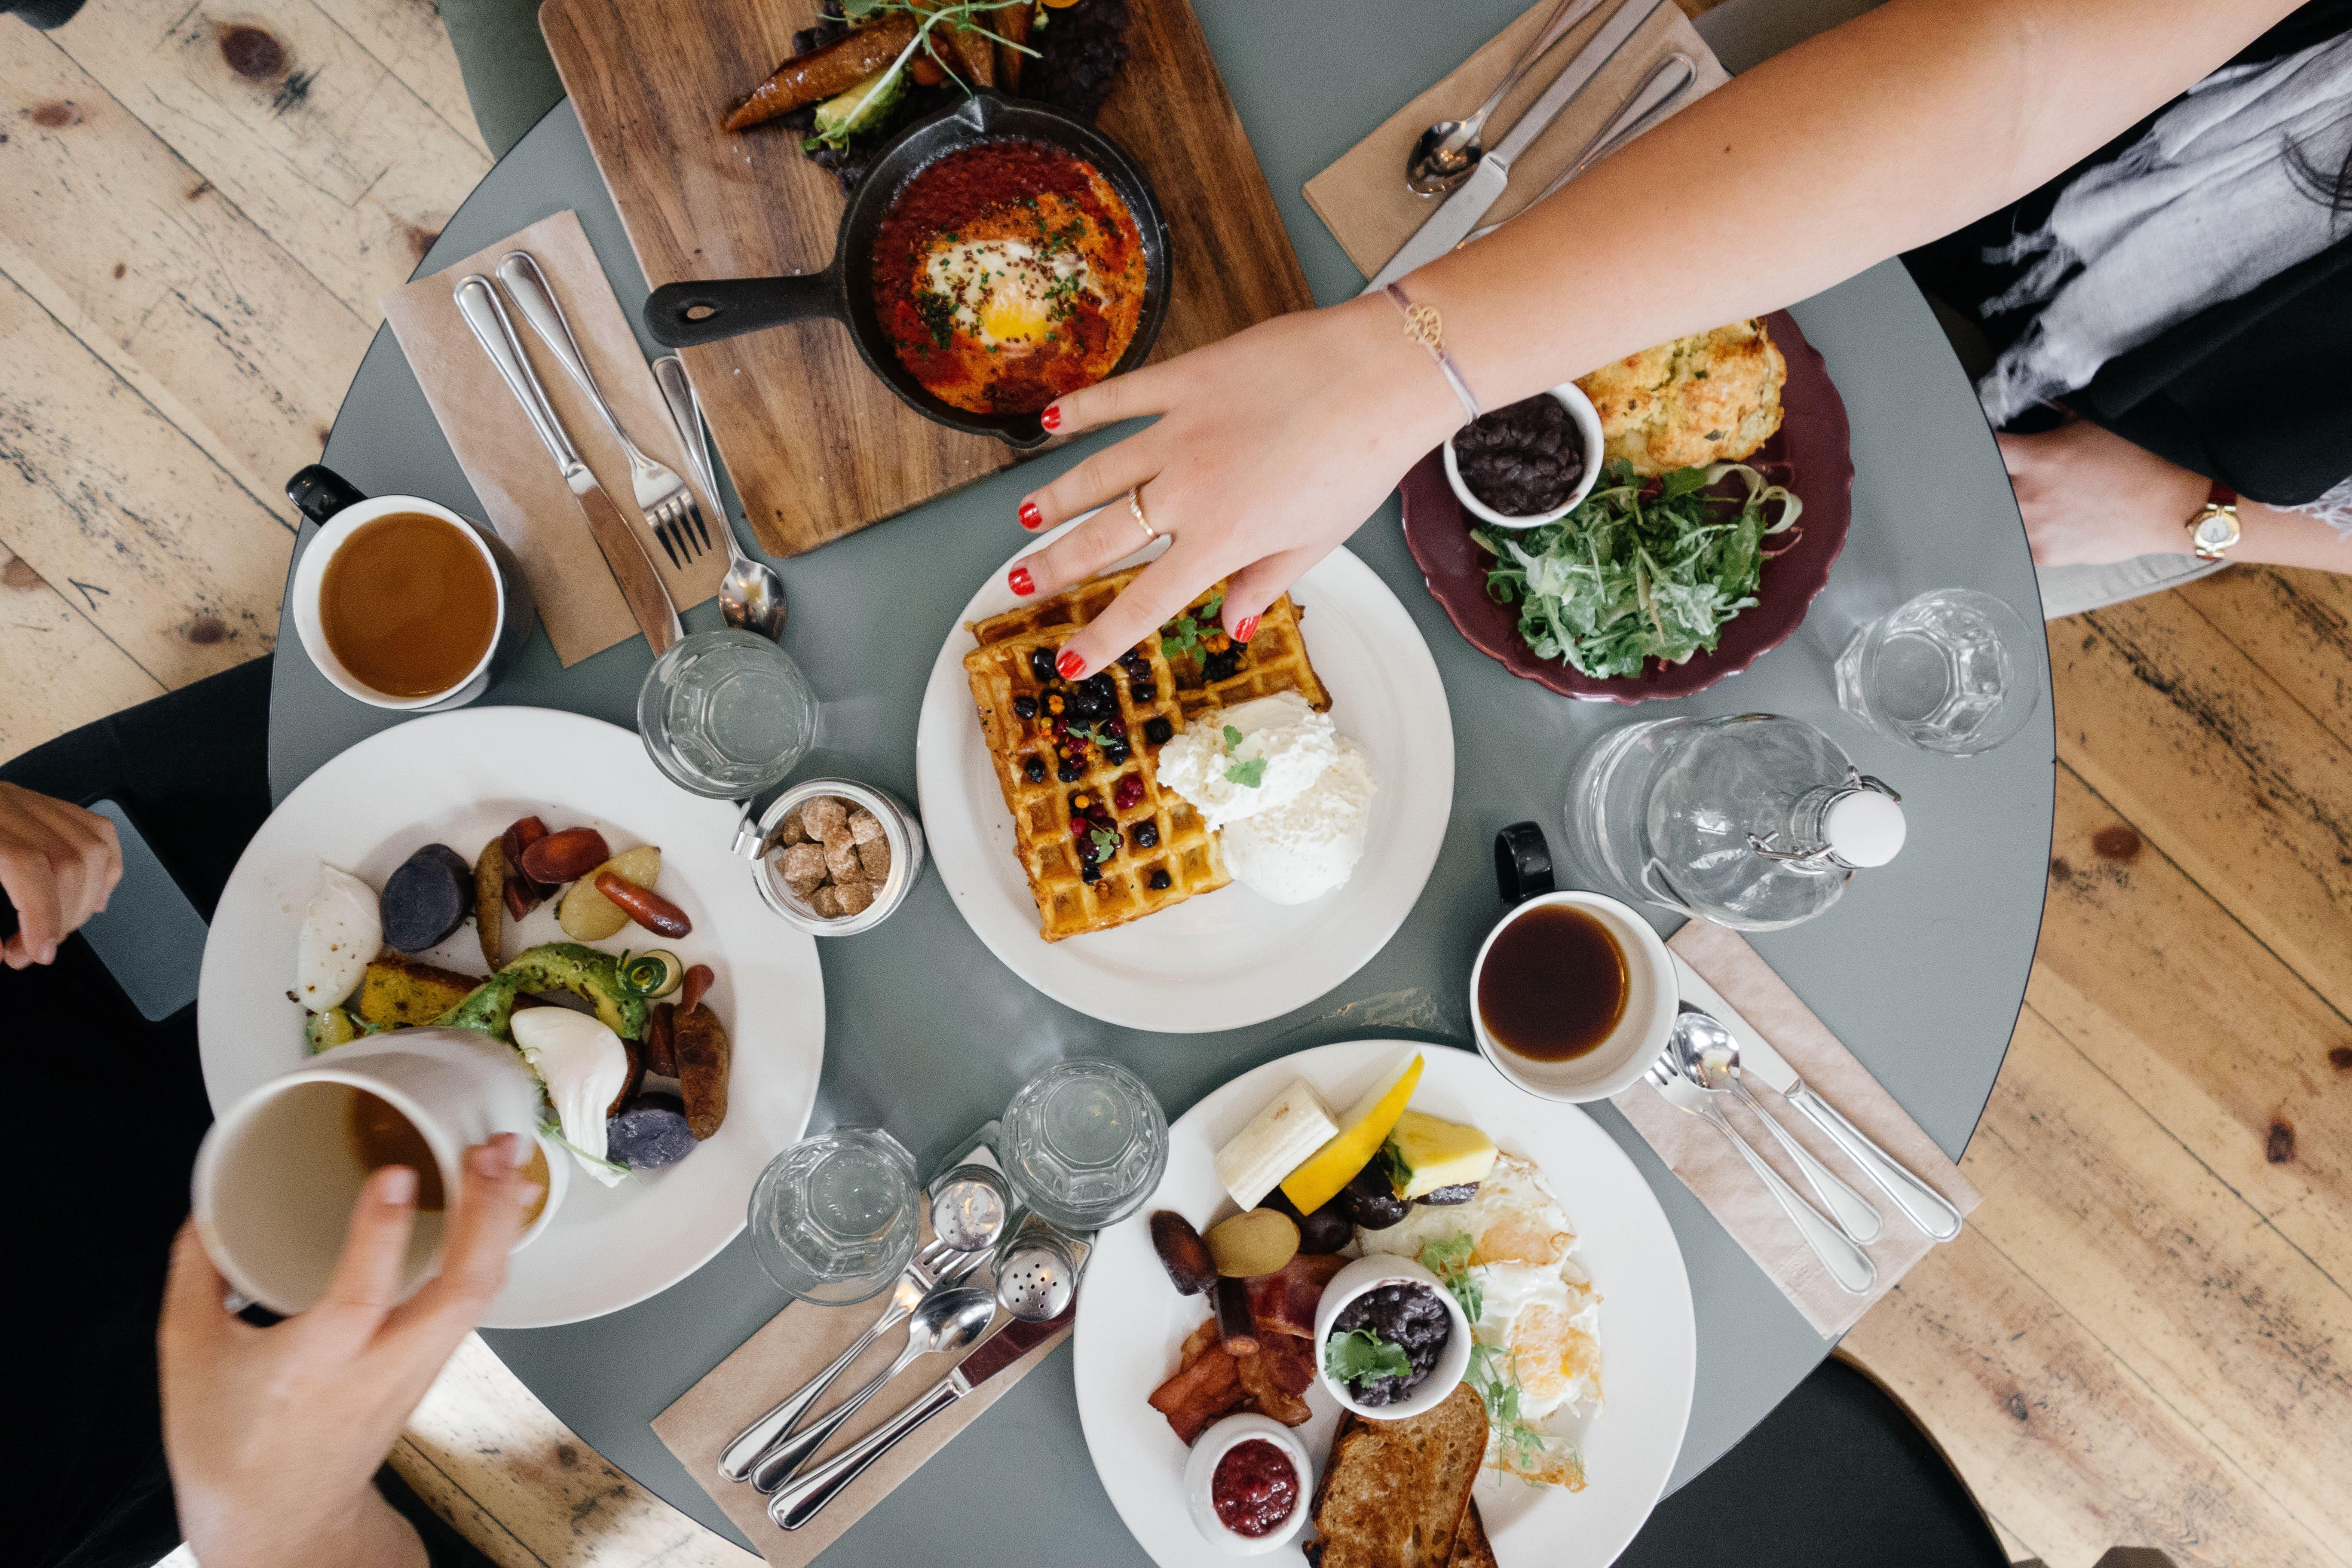 toitumisnõustamine, toitumisnõustaja, dieet, kaalust alla, kuidas kaalust alla saada, tervislik toitumine